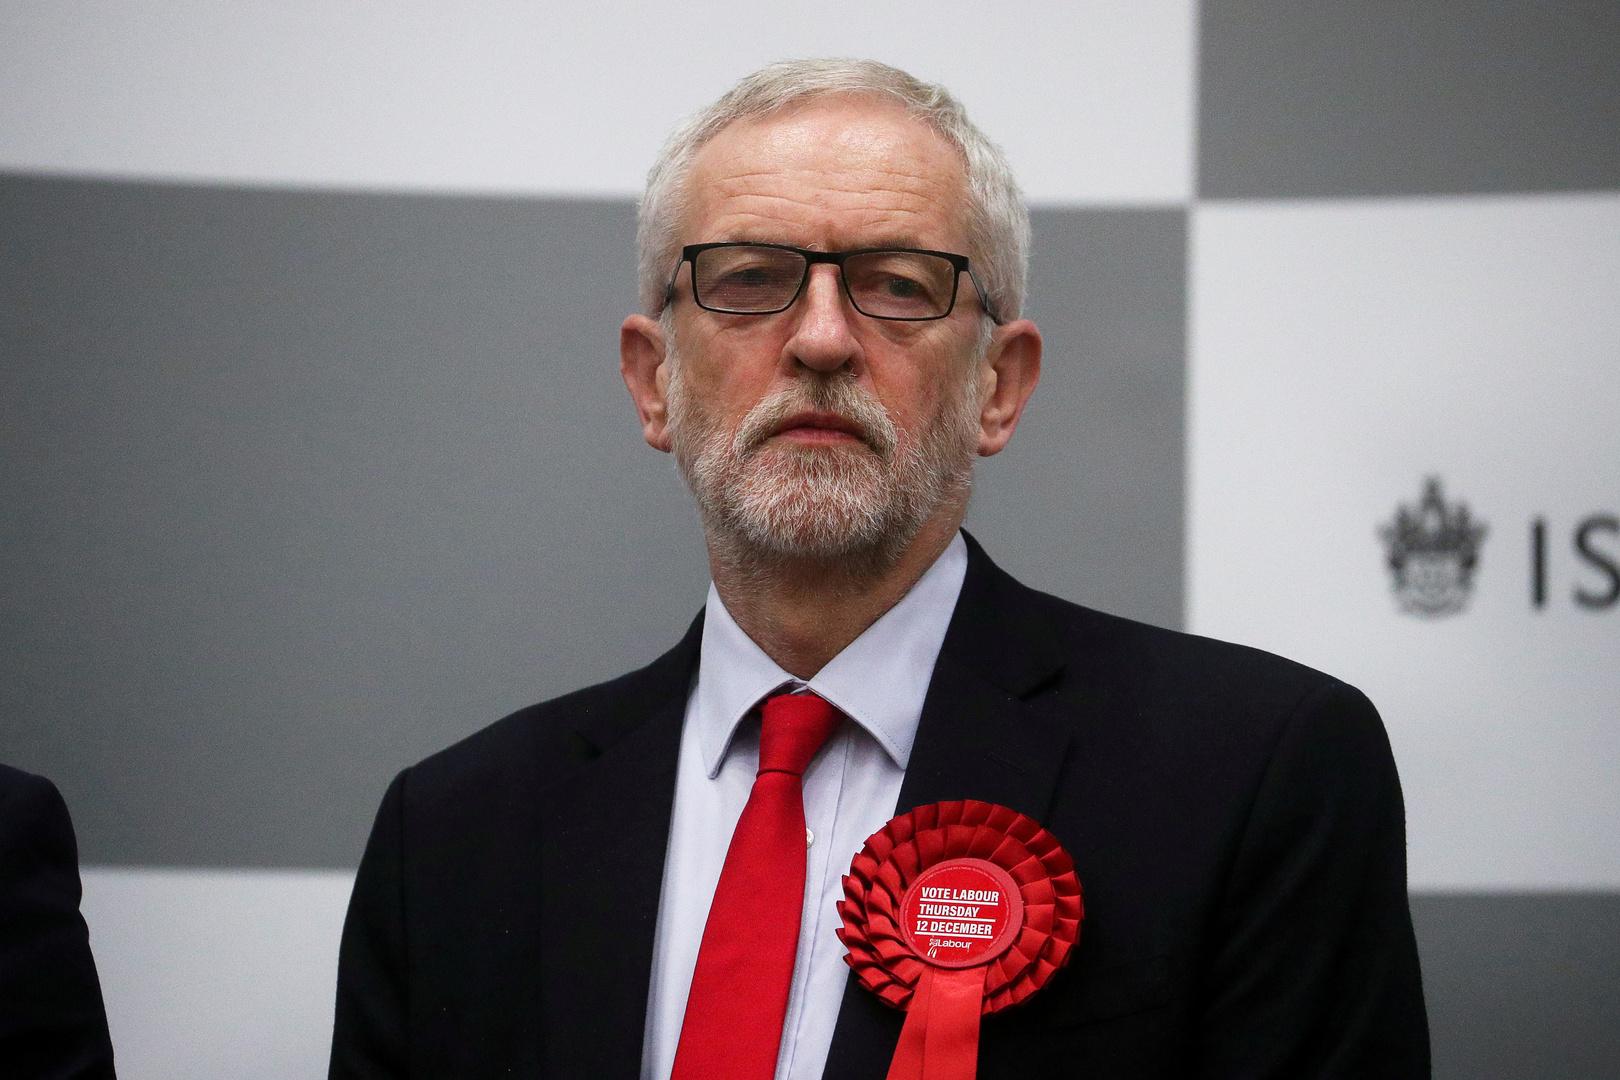 إعادة تفعيل عضوية كوربين في حزب العمال البريطاني بعد تعليقها بسبب اتهامات بمعاداة السامية